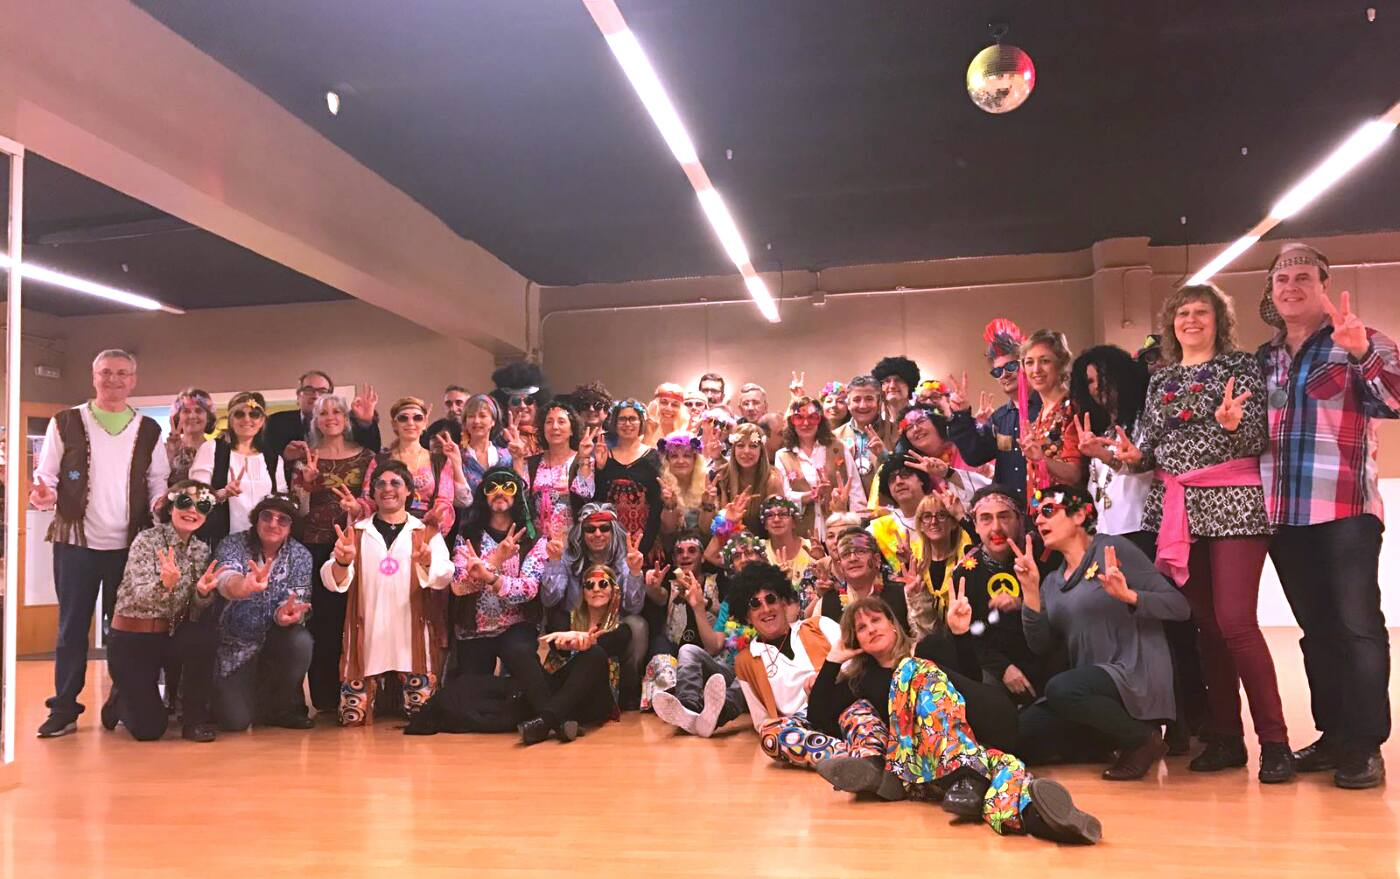 escola-de-ball-el-mirall-lleida-carnaval-2